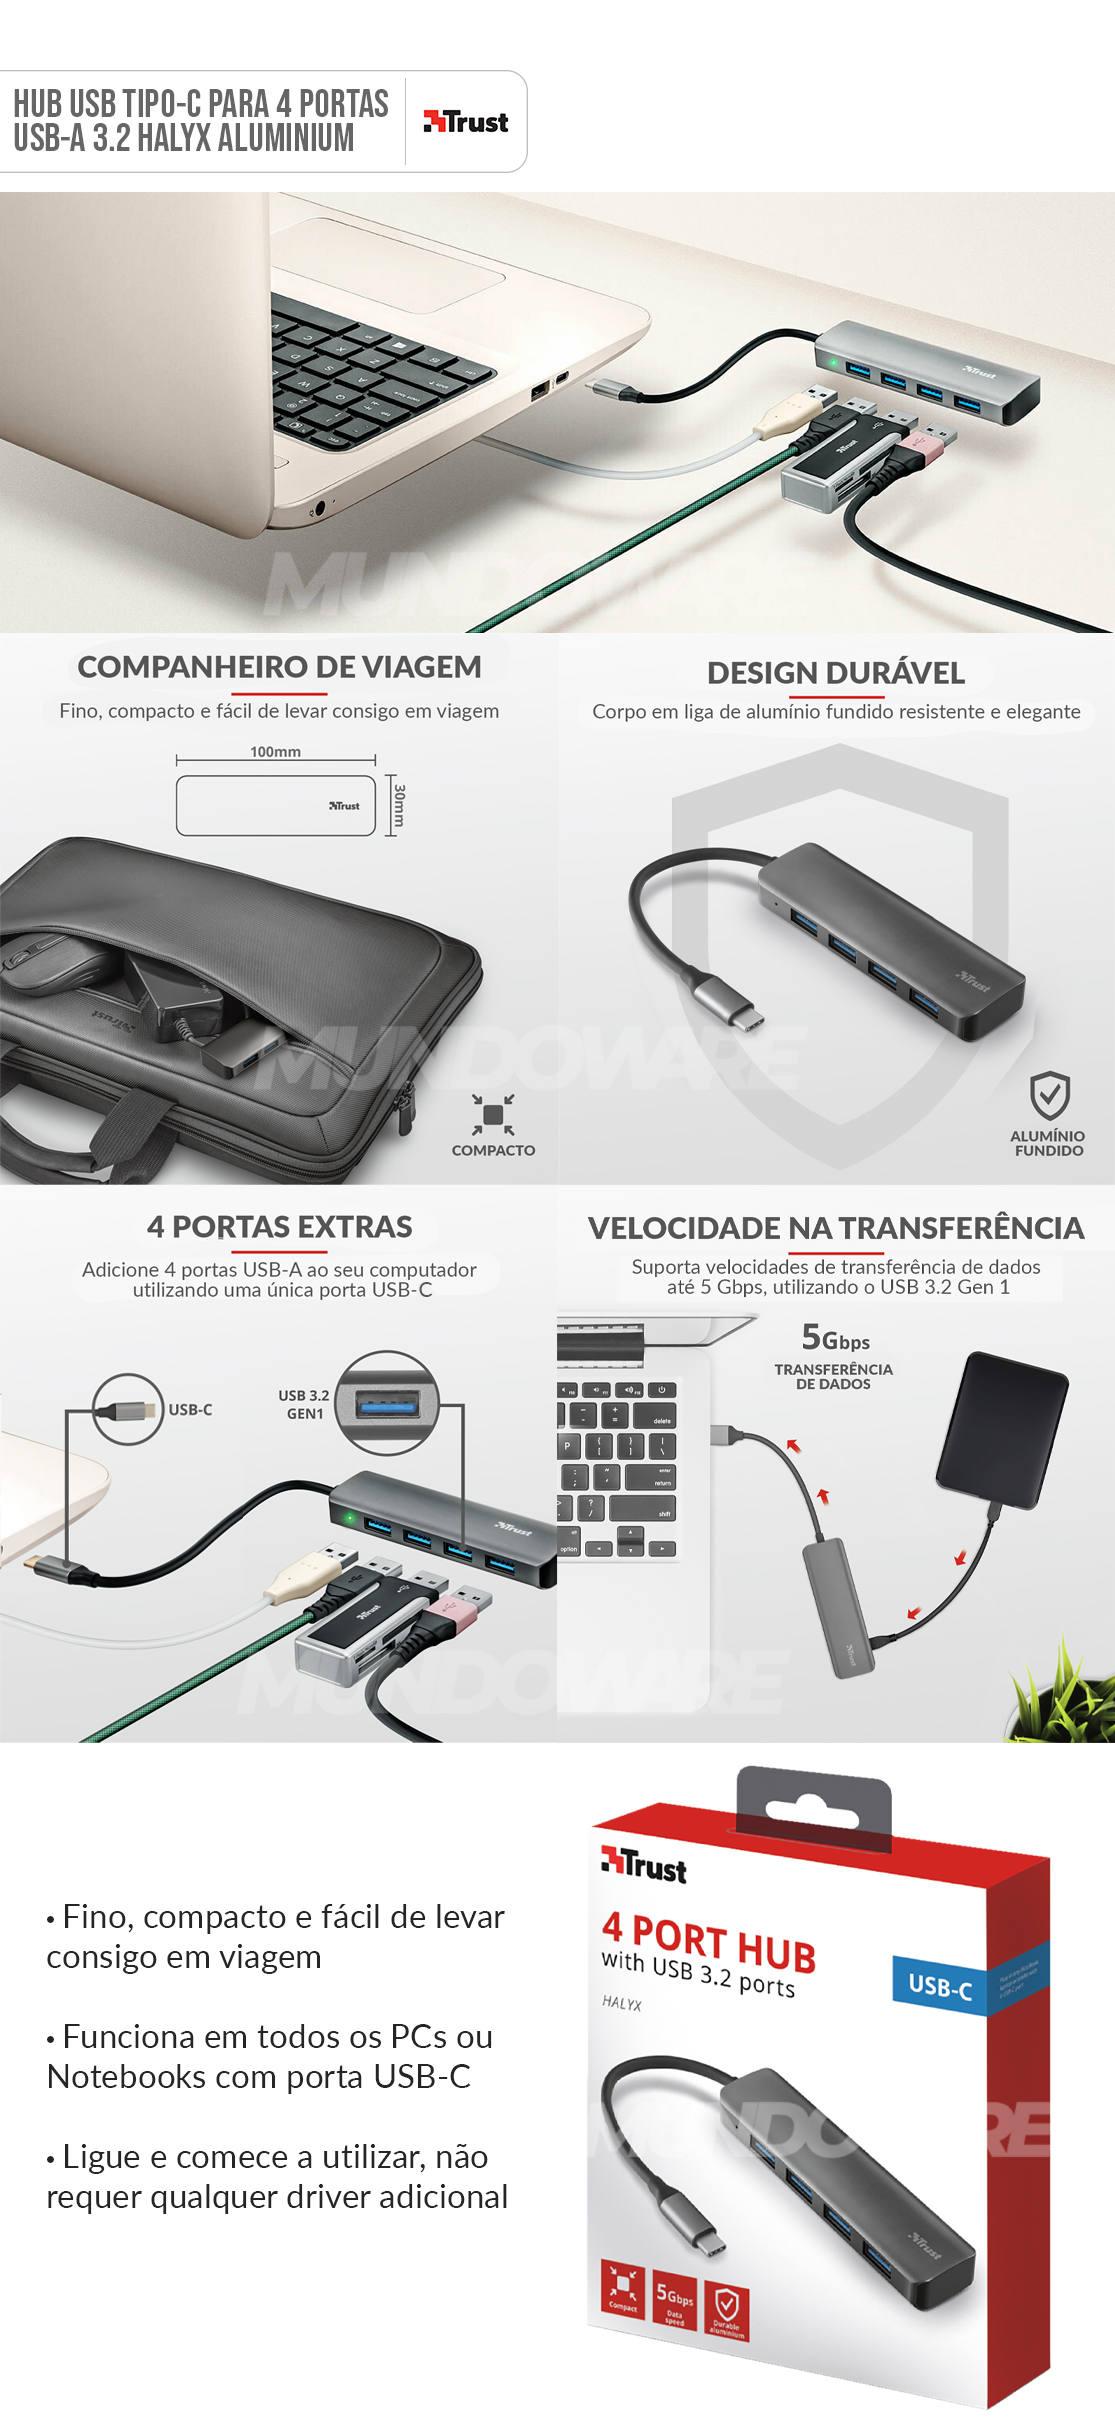 Hub USB-C para 4 portas USB-A 3.2 Velocidade de até 5Gbps Halyx Aluminium Trust